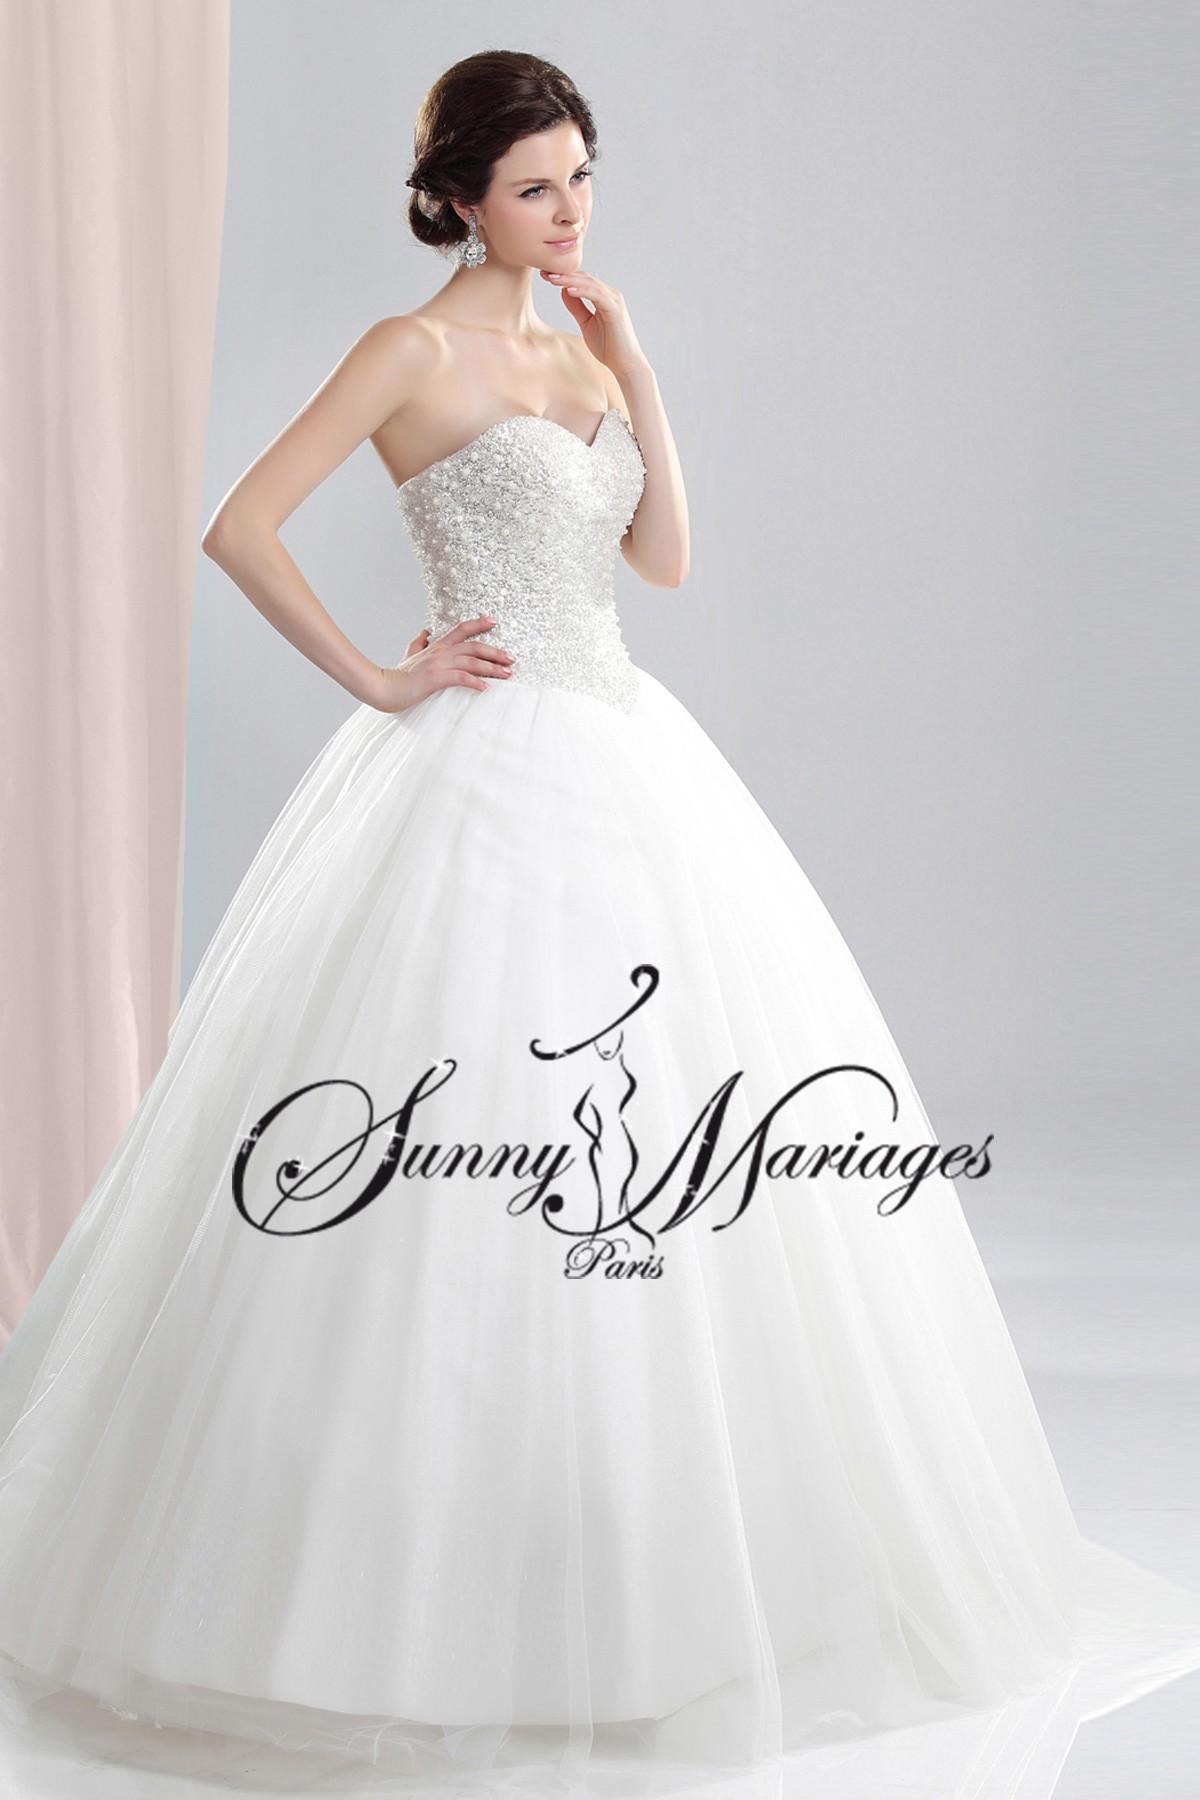 robe de mariee princesse bustier perlé.jpg SUNNYMARIAGES robes de ...